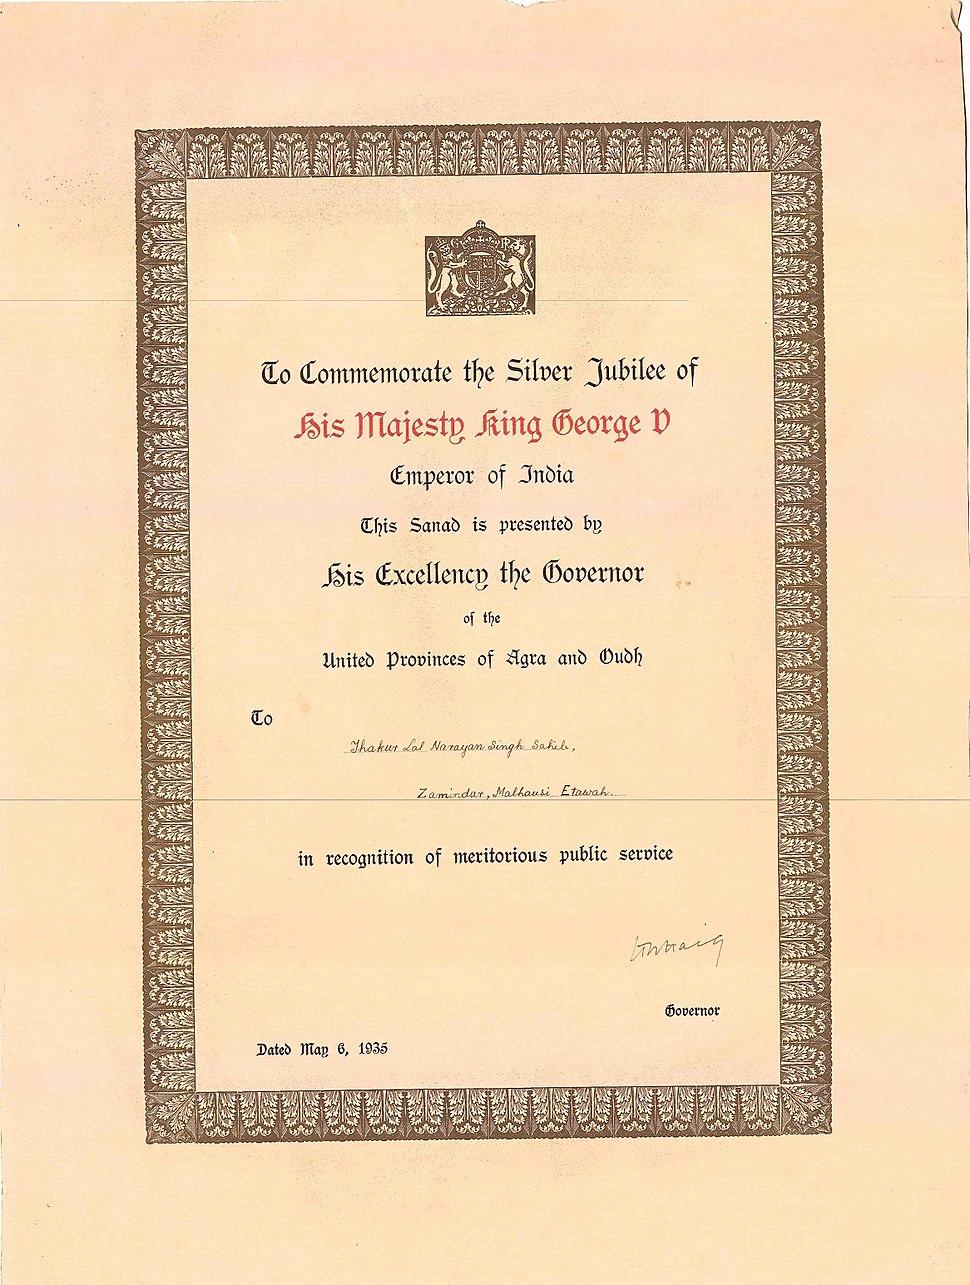 Narain 1936